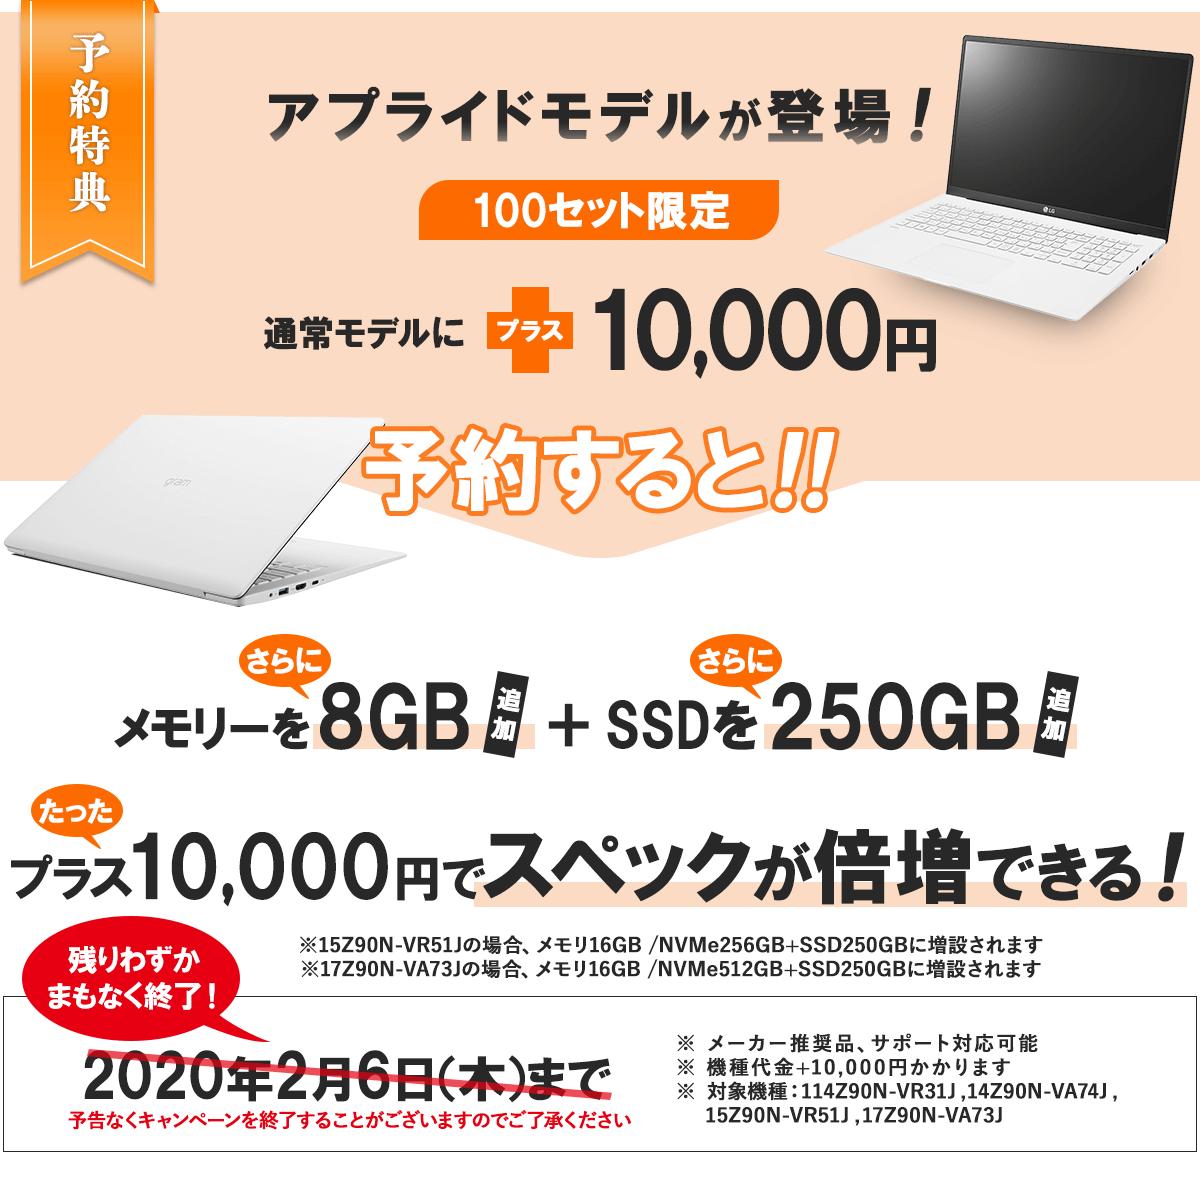 LG gram2020アプライドモデル新発売キャンペーン